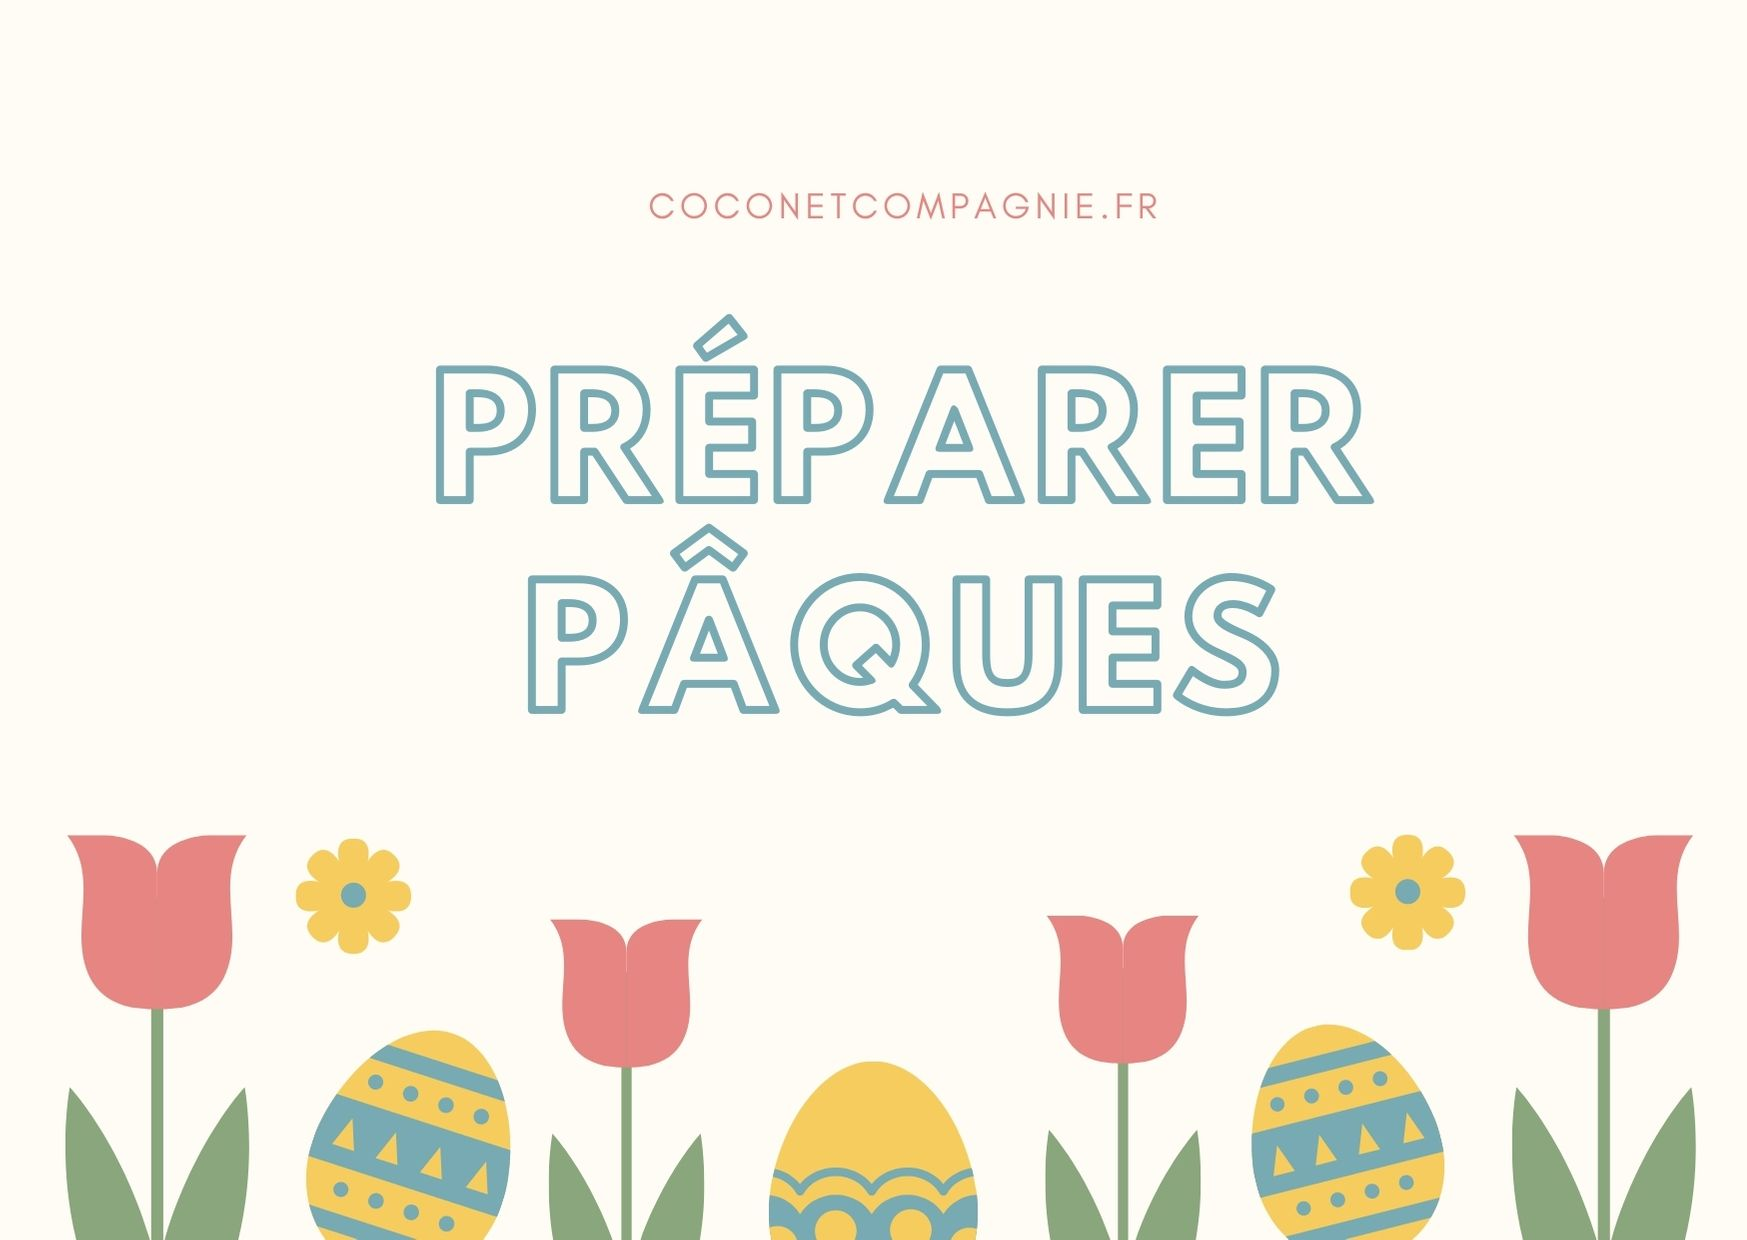 paques_cocon_compagnie